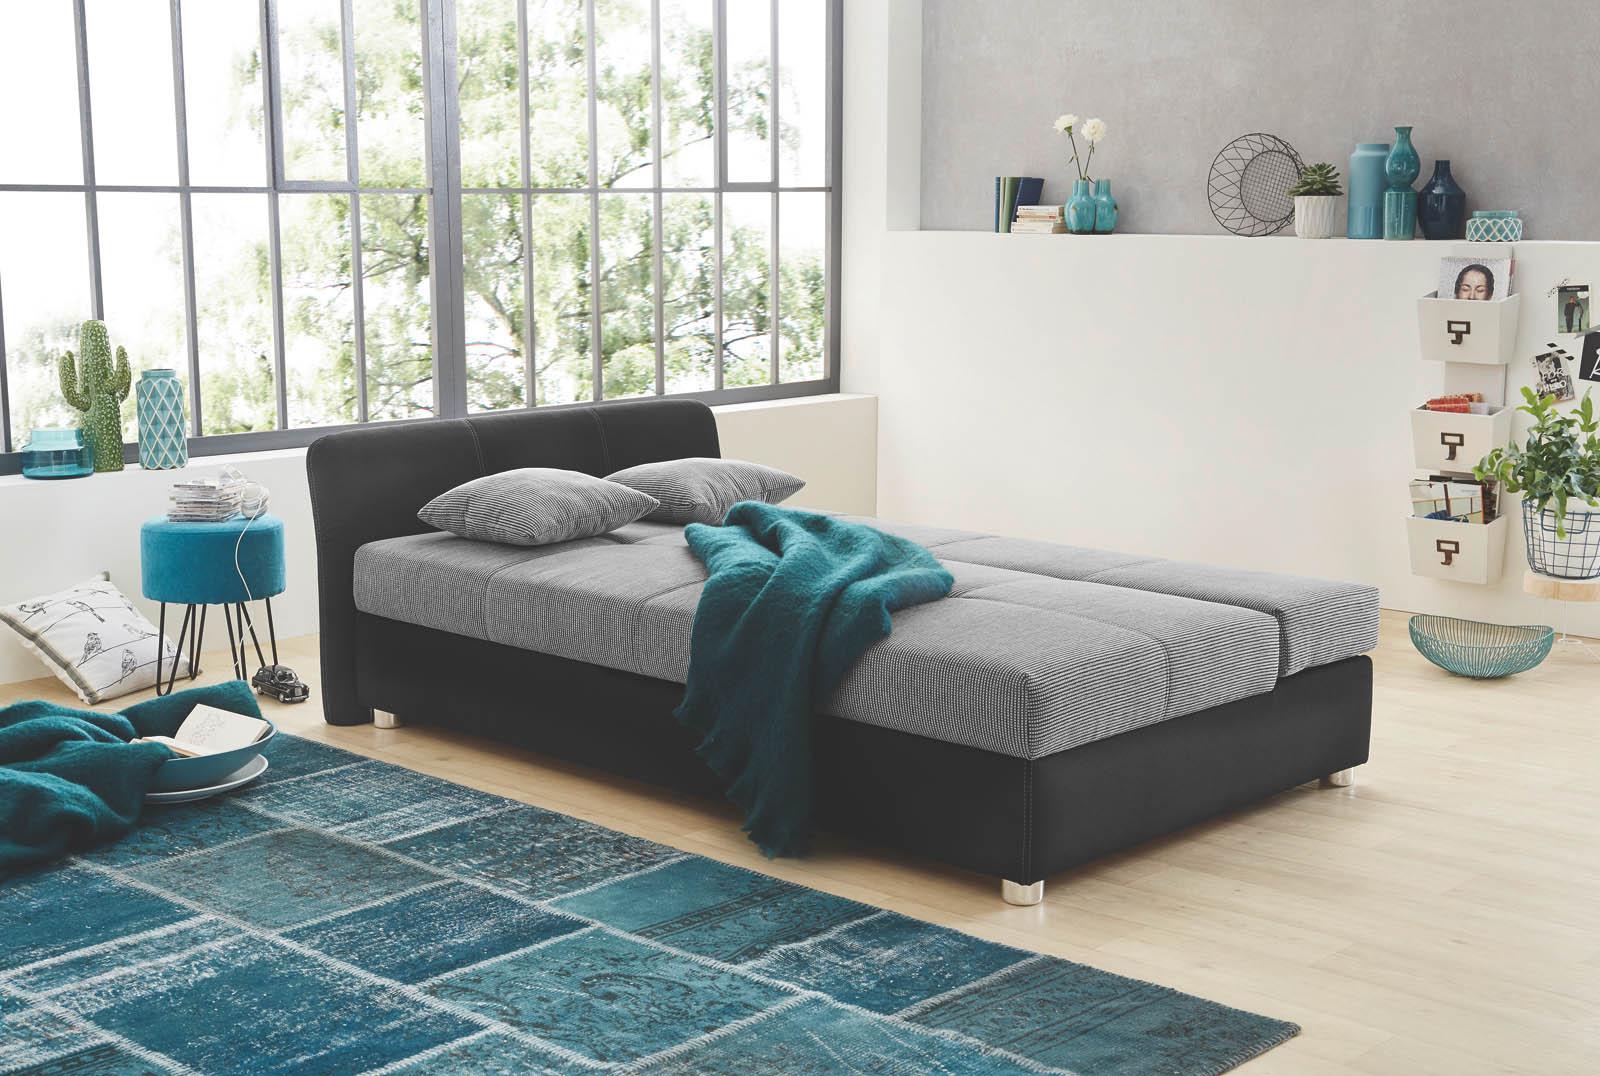 funktionssofa mit g stebettfkt und bettkasten camillo. Black Bedroom Furniture Sets. Home Design Ideas